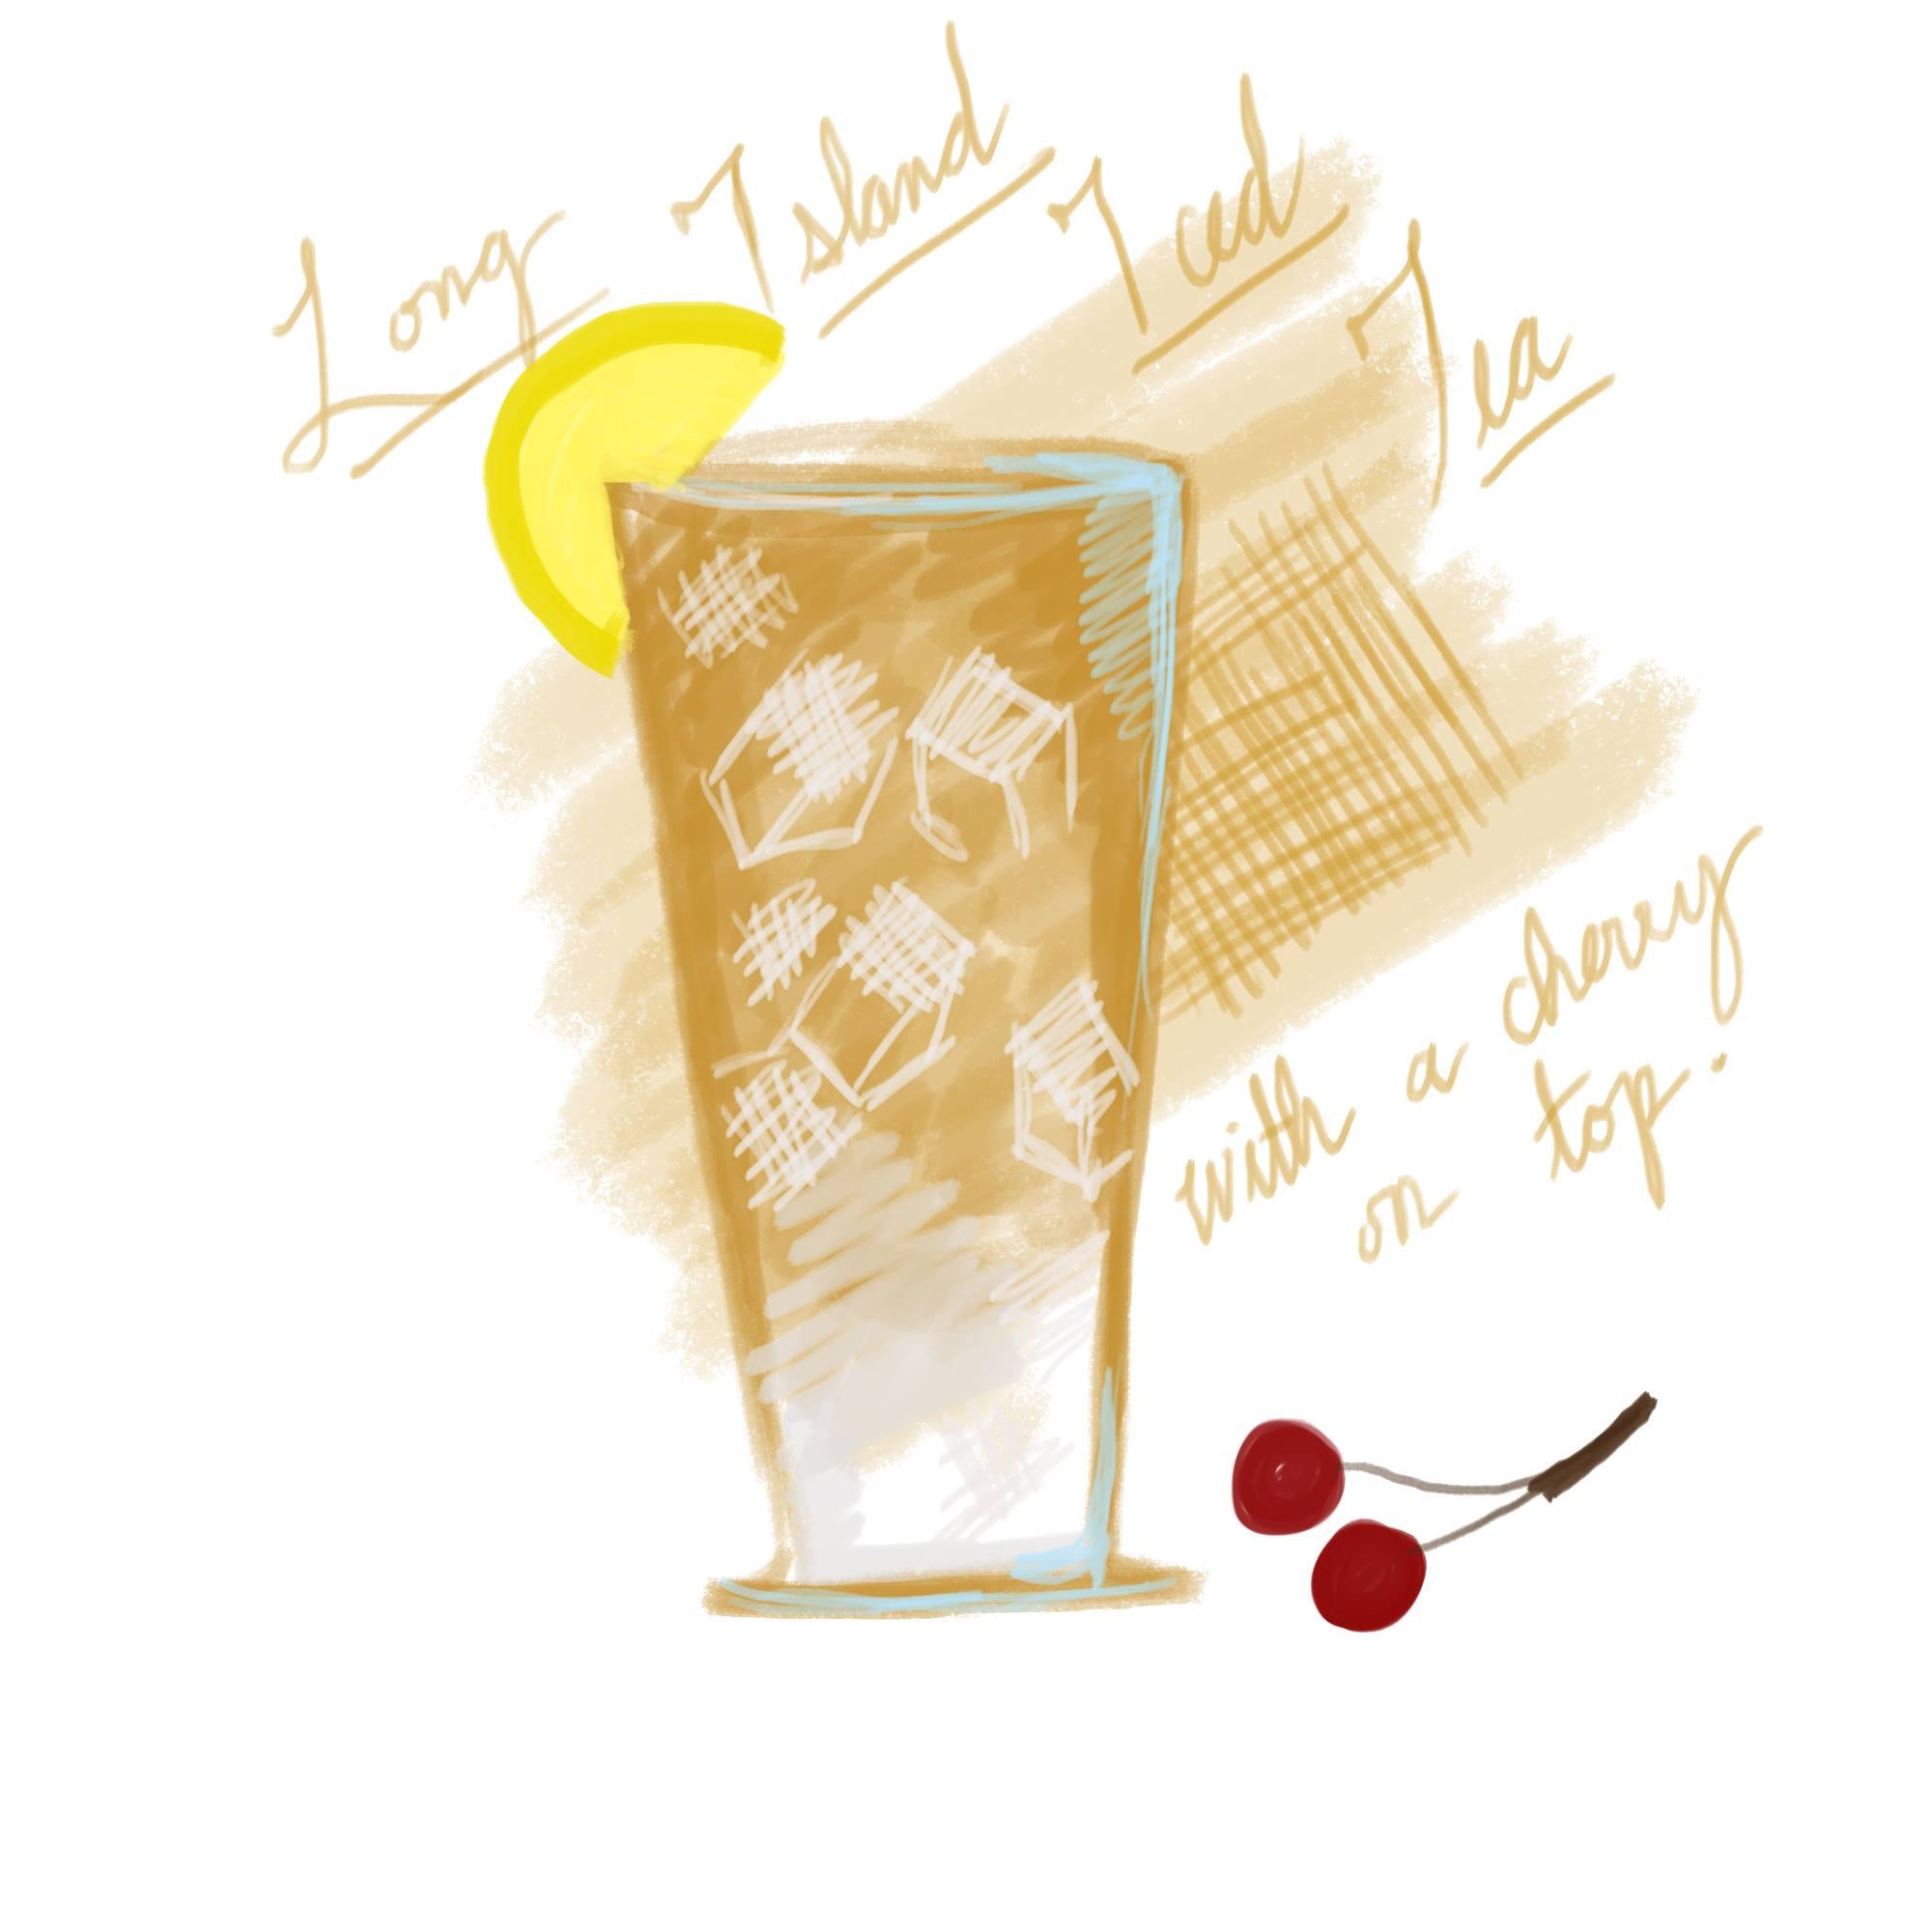 Long Island Iced Tea with a cherry on top